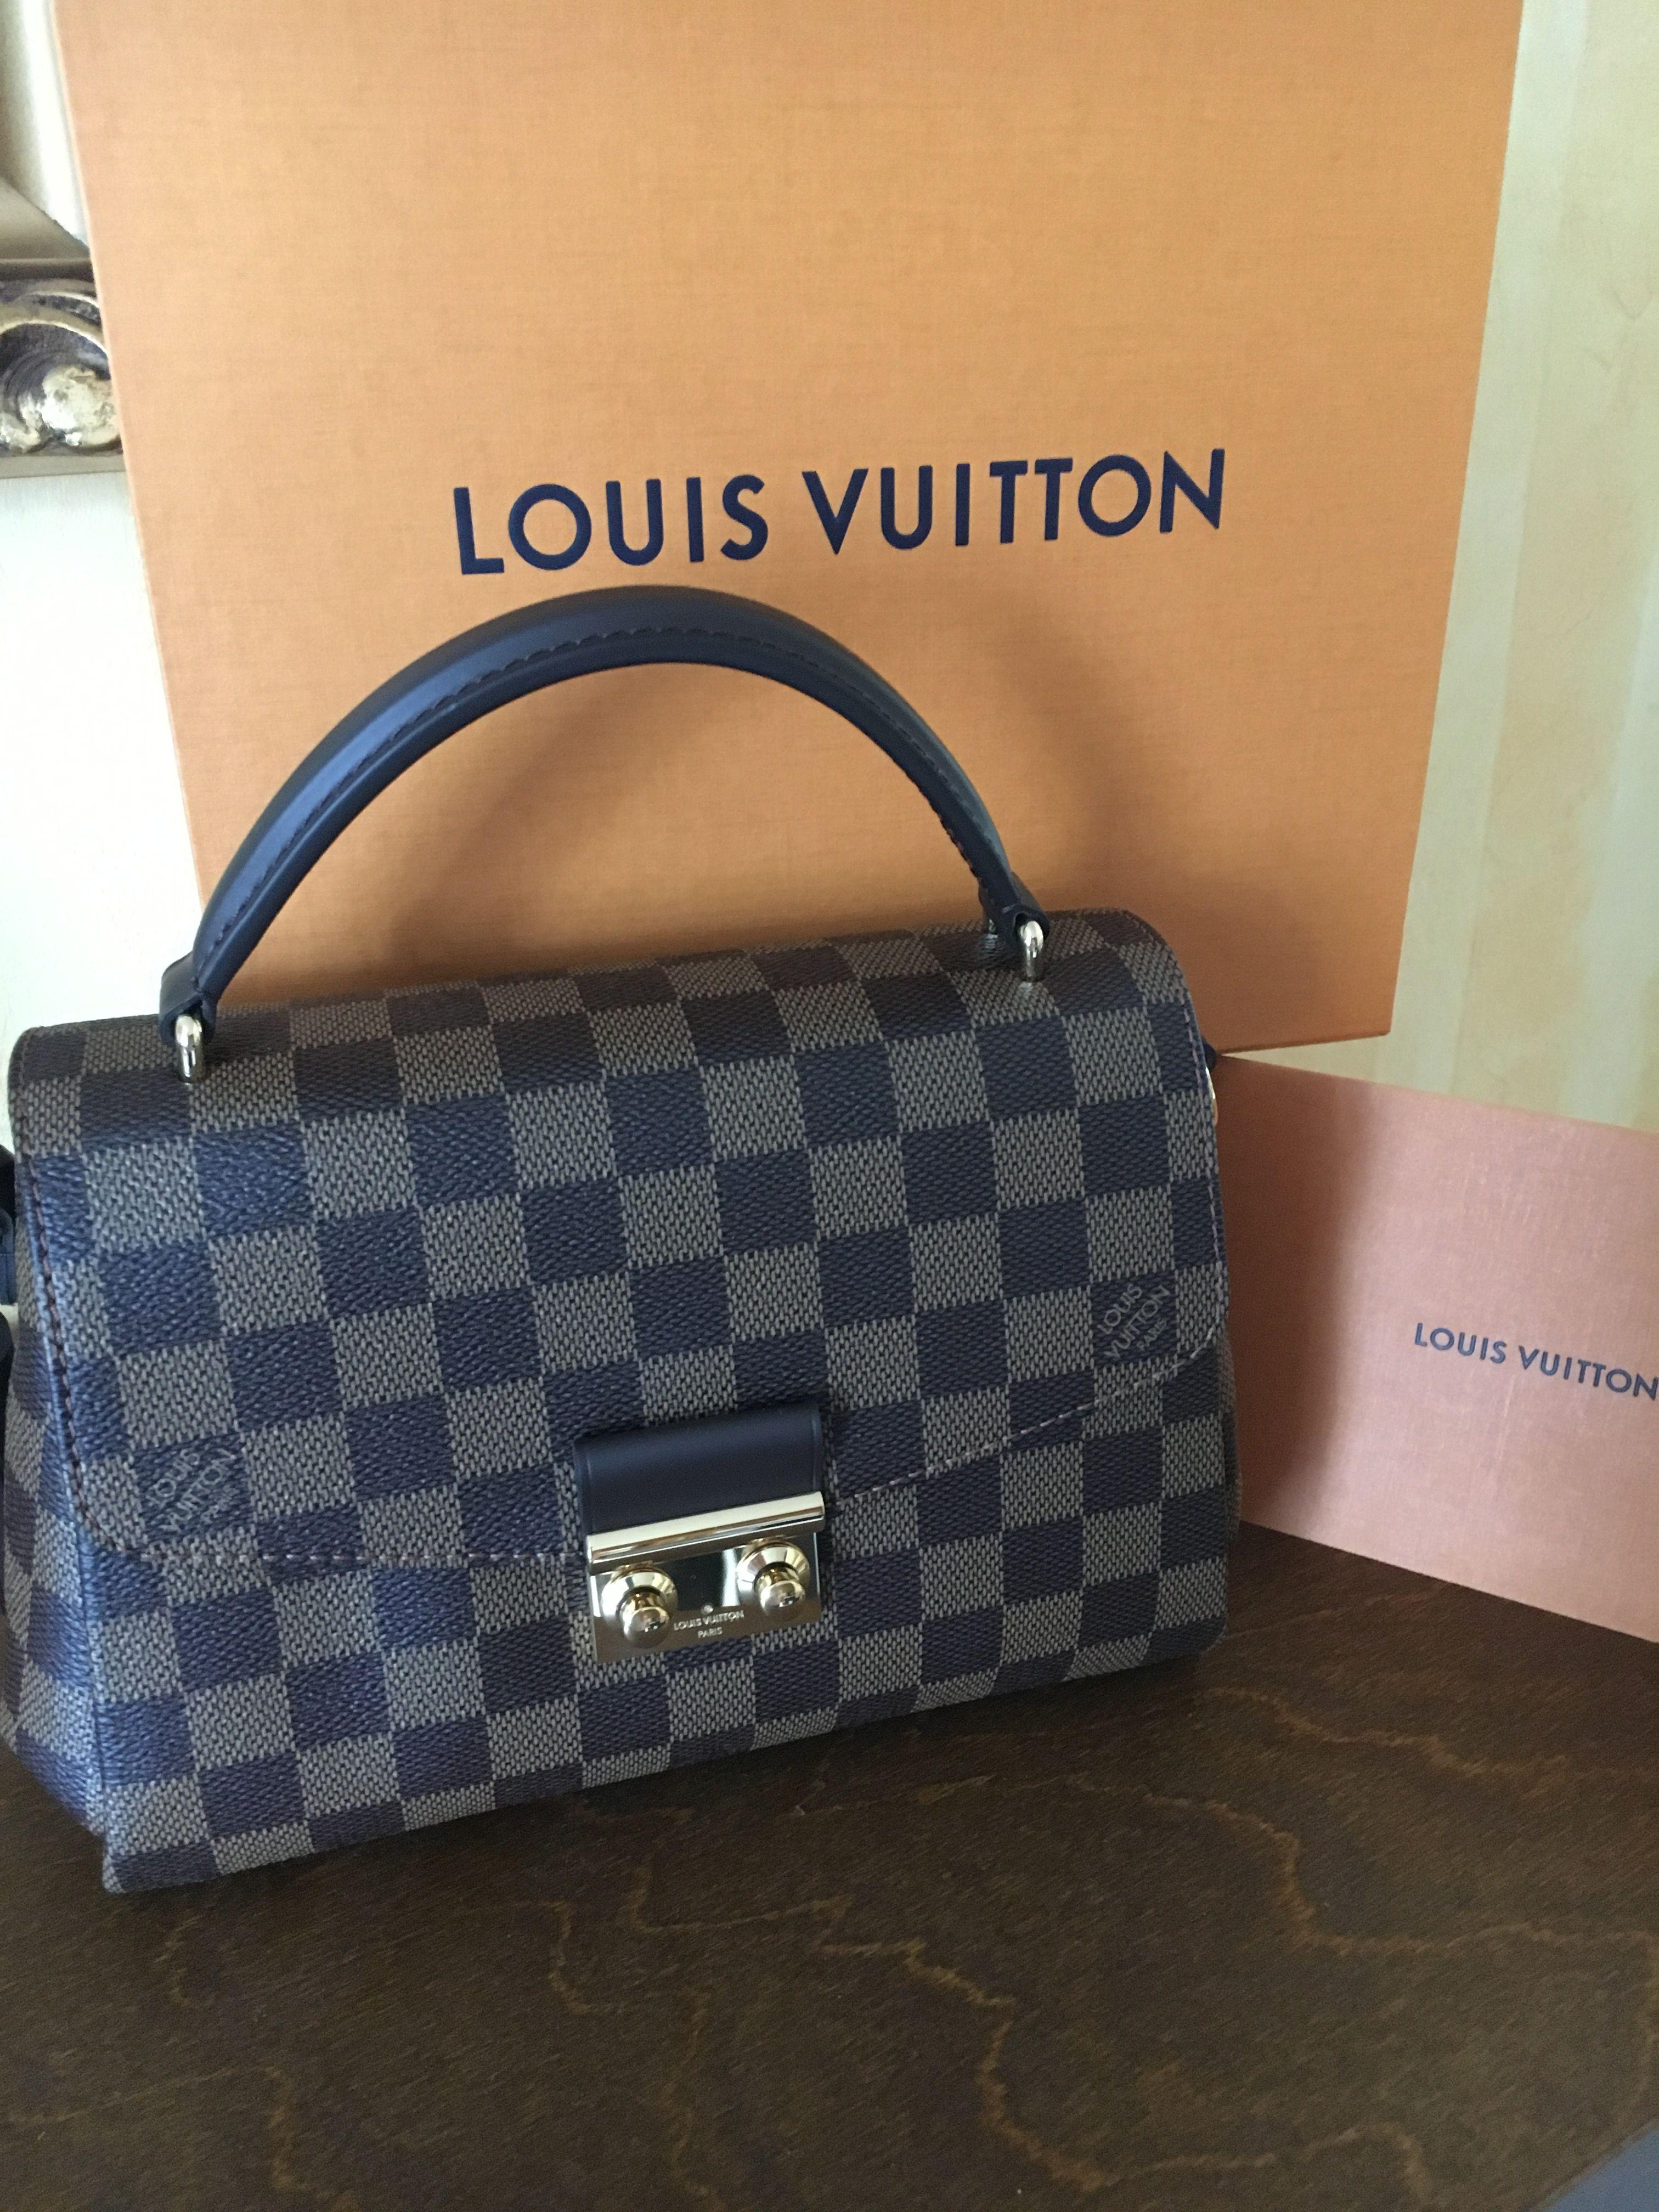 Louis Vuitton Croisette Bag Estilo Coreano 733ea4b8c41